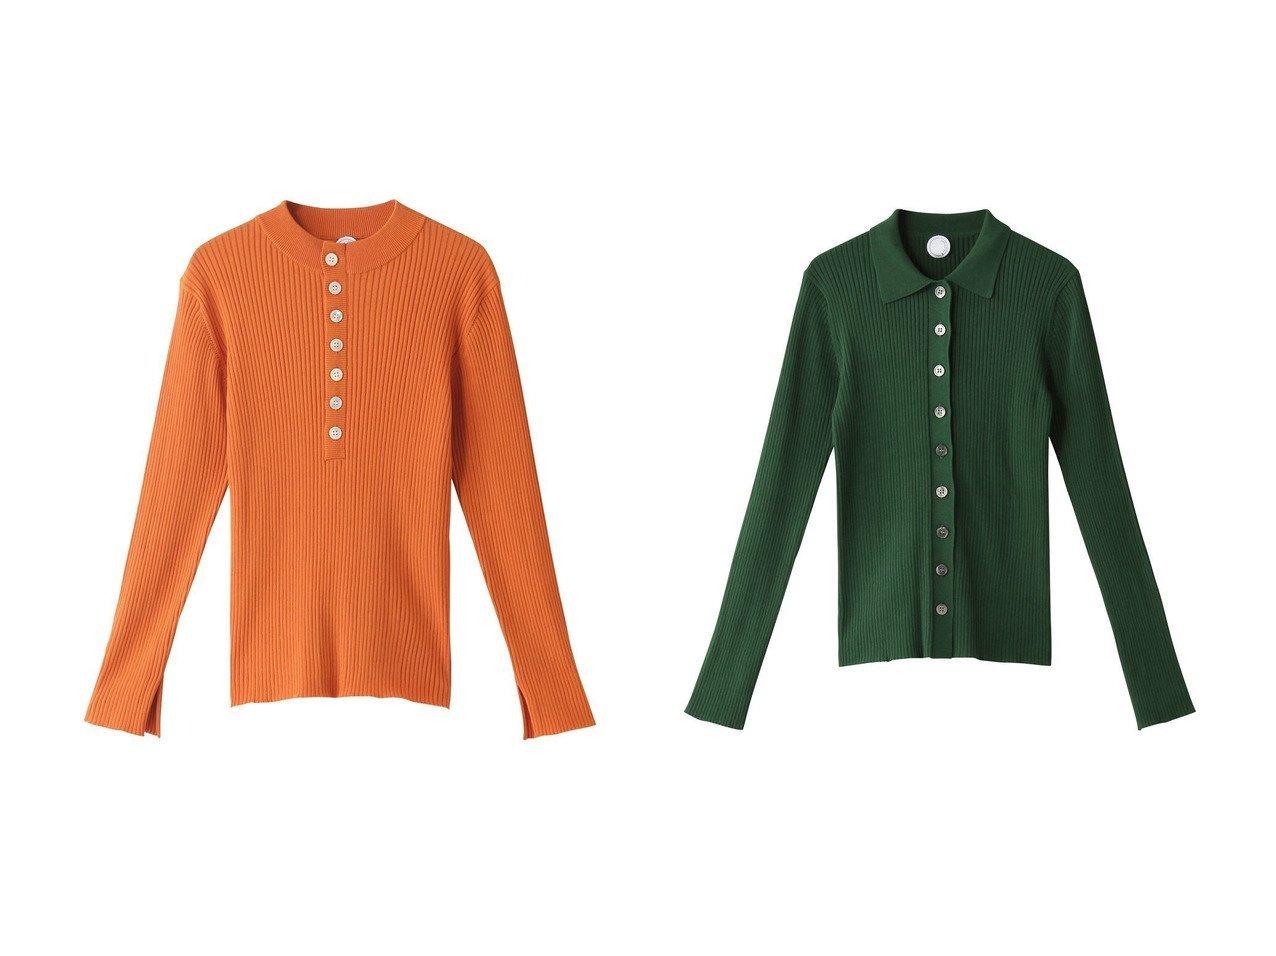 【JAMAIS VU/ジャメヴ】のアイスコットン ビルトネック ヘンリーネックプルオーバー&アイスコットン ポロカーディガン 【トップス・カットソー】おすすめ!人気、トレンド・レディースファッションの通販  おすすめで人気の流行・トレンド、ファッションの通販商品 メンズファッション・キッズファッション・インテリア・家具・レディースファッション・服の通販 founy(ファニー) https://founy.com/ ファッション Fashion レディースファッション WOMEN トップス・カットソー Tops/Tshirt ニット Knit Tops プルオーバー Pullover カーディガン Cardigans 2021年 2021 2021春夏・S/S SS/Spring/Summer/2021 S/S・春夏 SS・Spring/Summer フィット フロント 春 Spring |ID:crp329100000027095